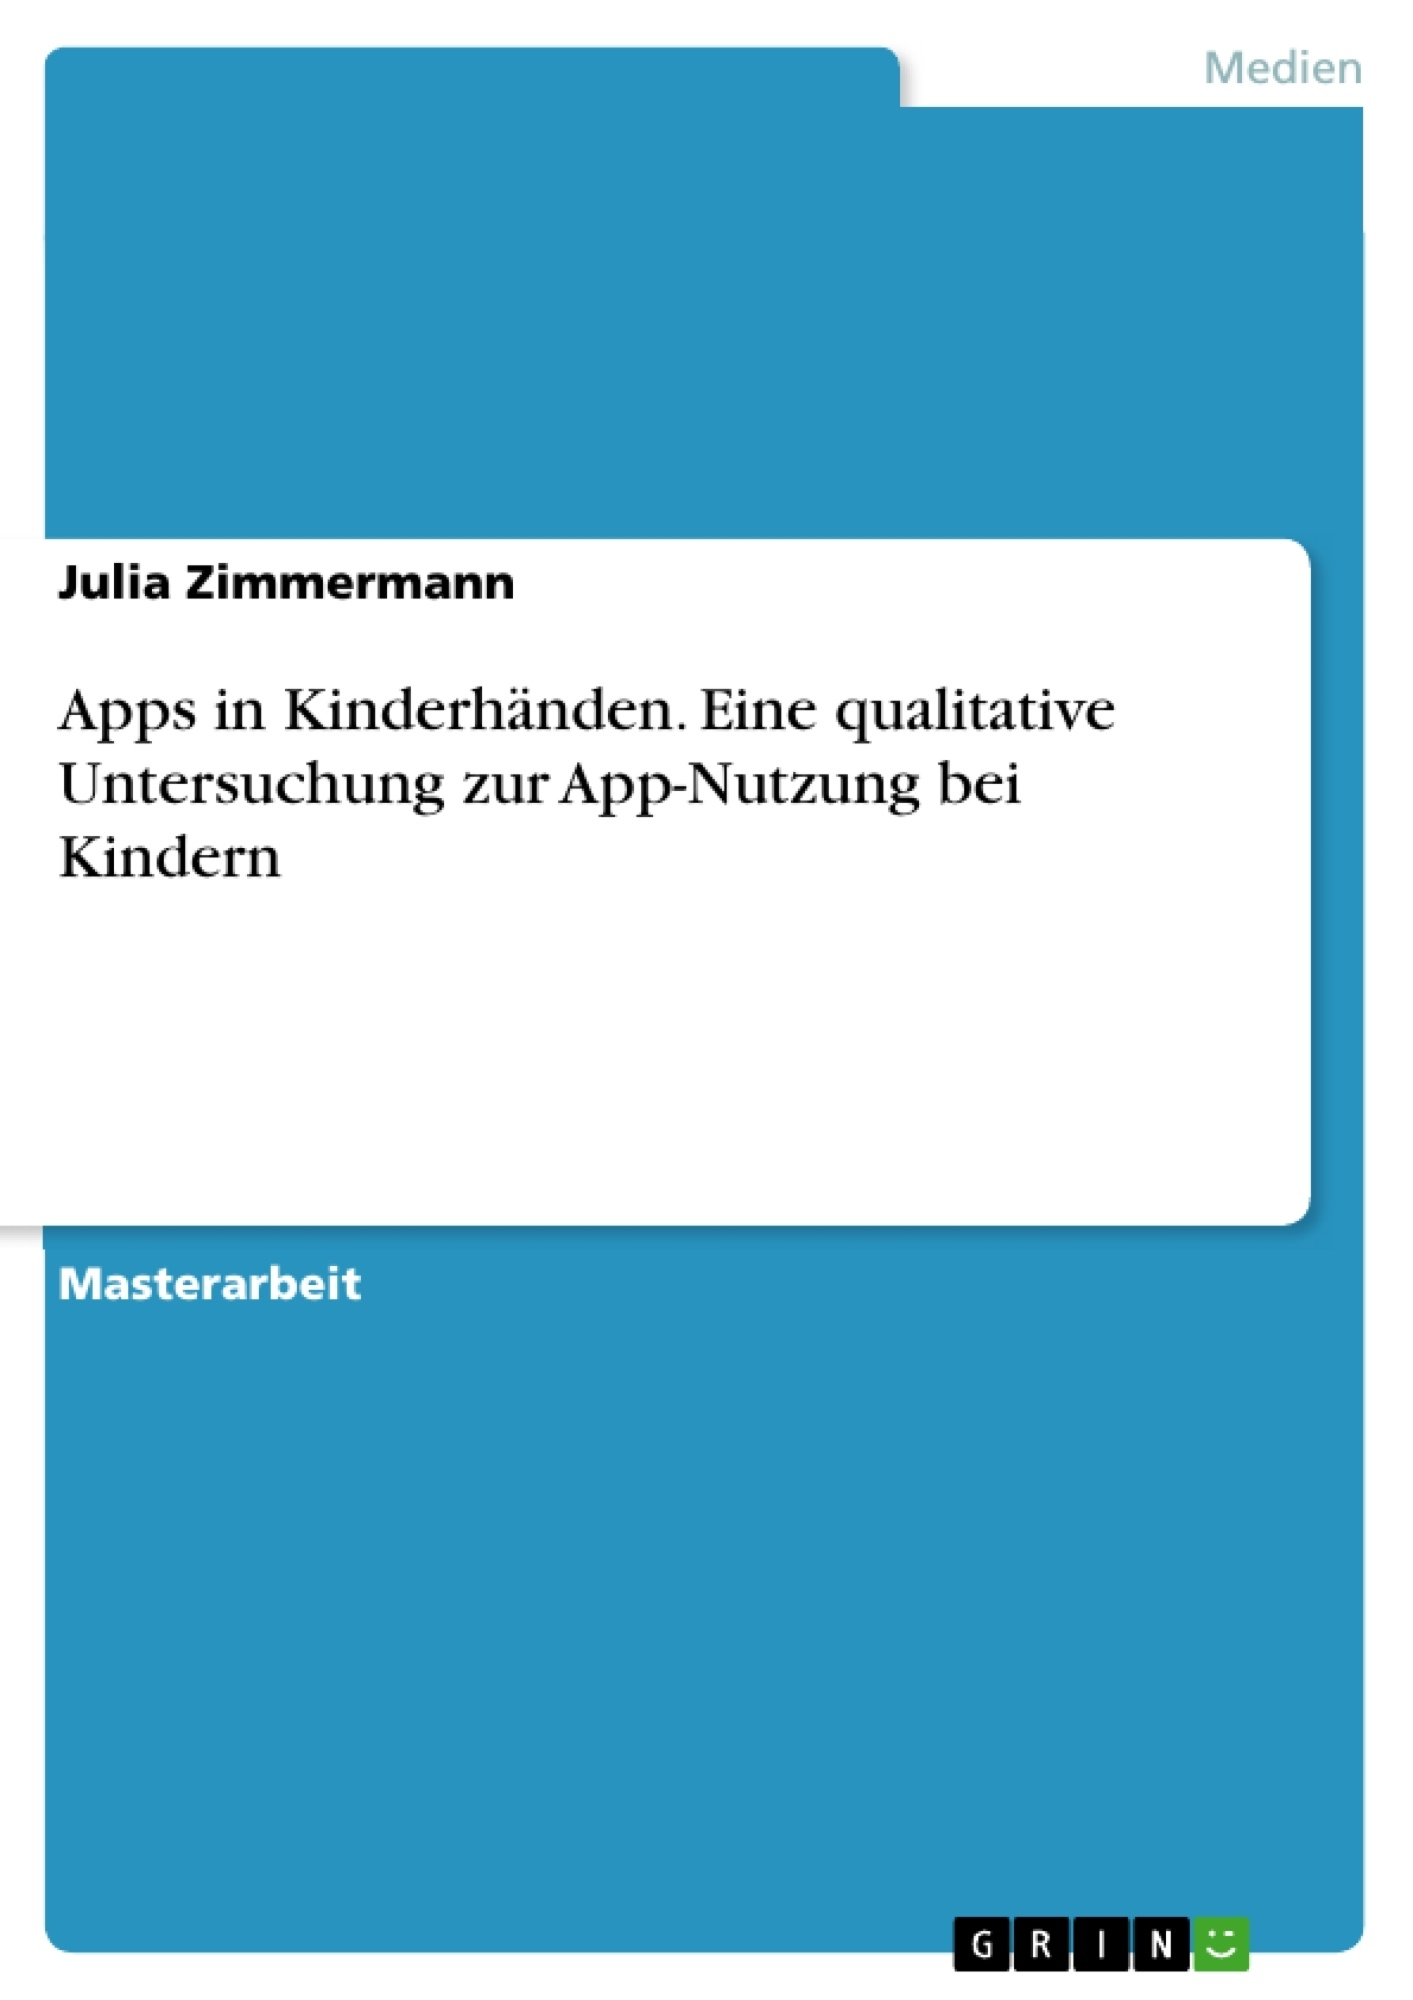 Titel: Apps in Kinderhänden. Eine qualitative Untersuchung zur App-Nutzung bei Kindern